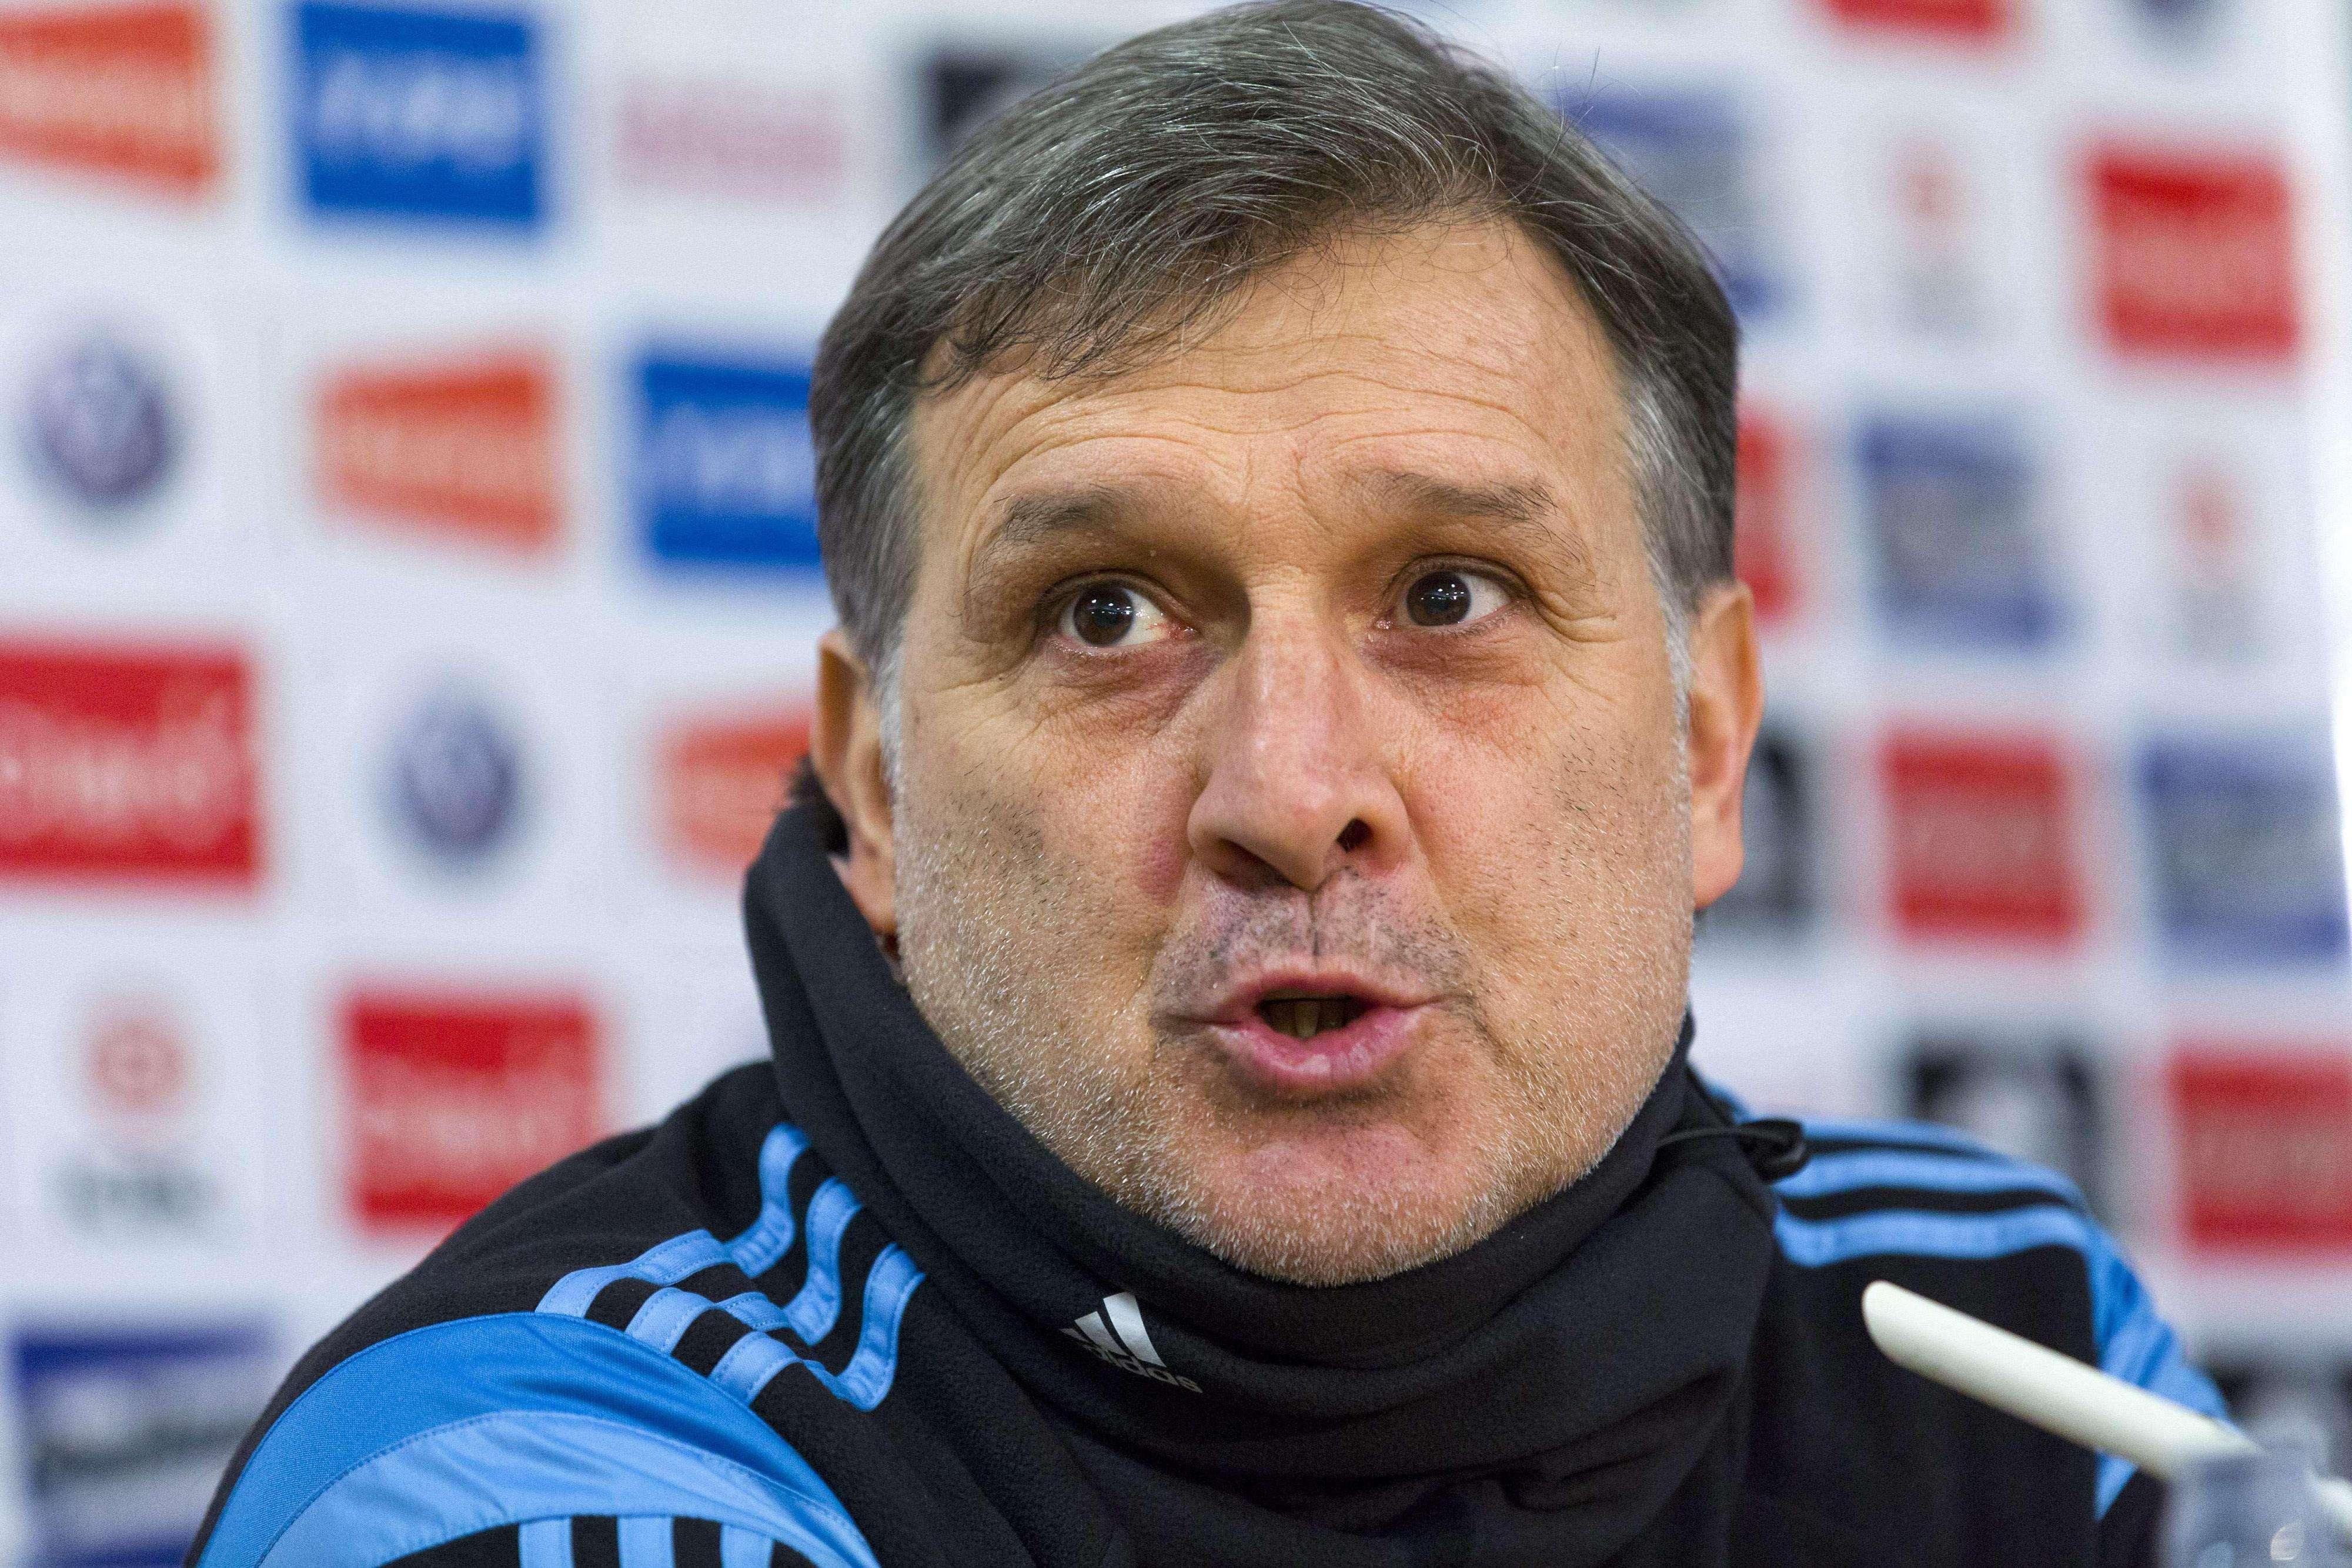 El Tata Martino quiere probar jugadores en los dos amistosos ante Croacia y Portugal. Foto: AFP en español